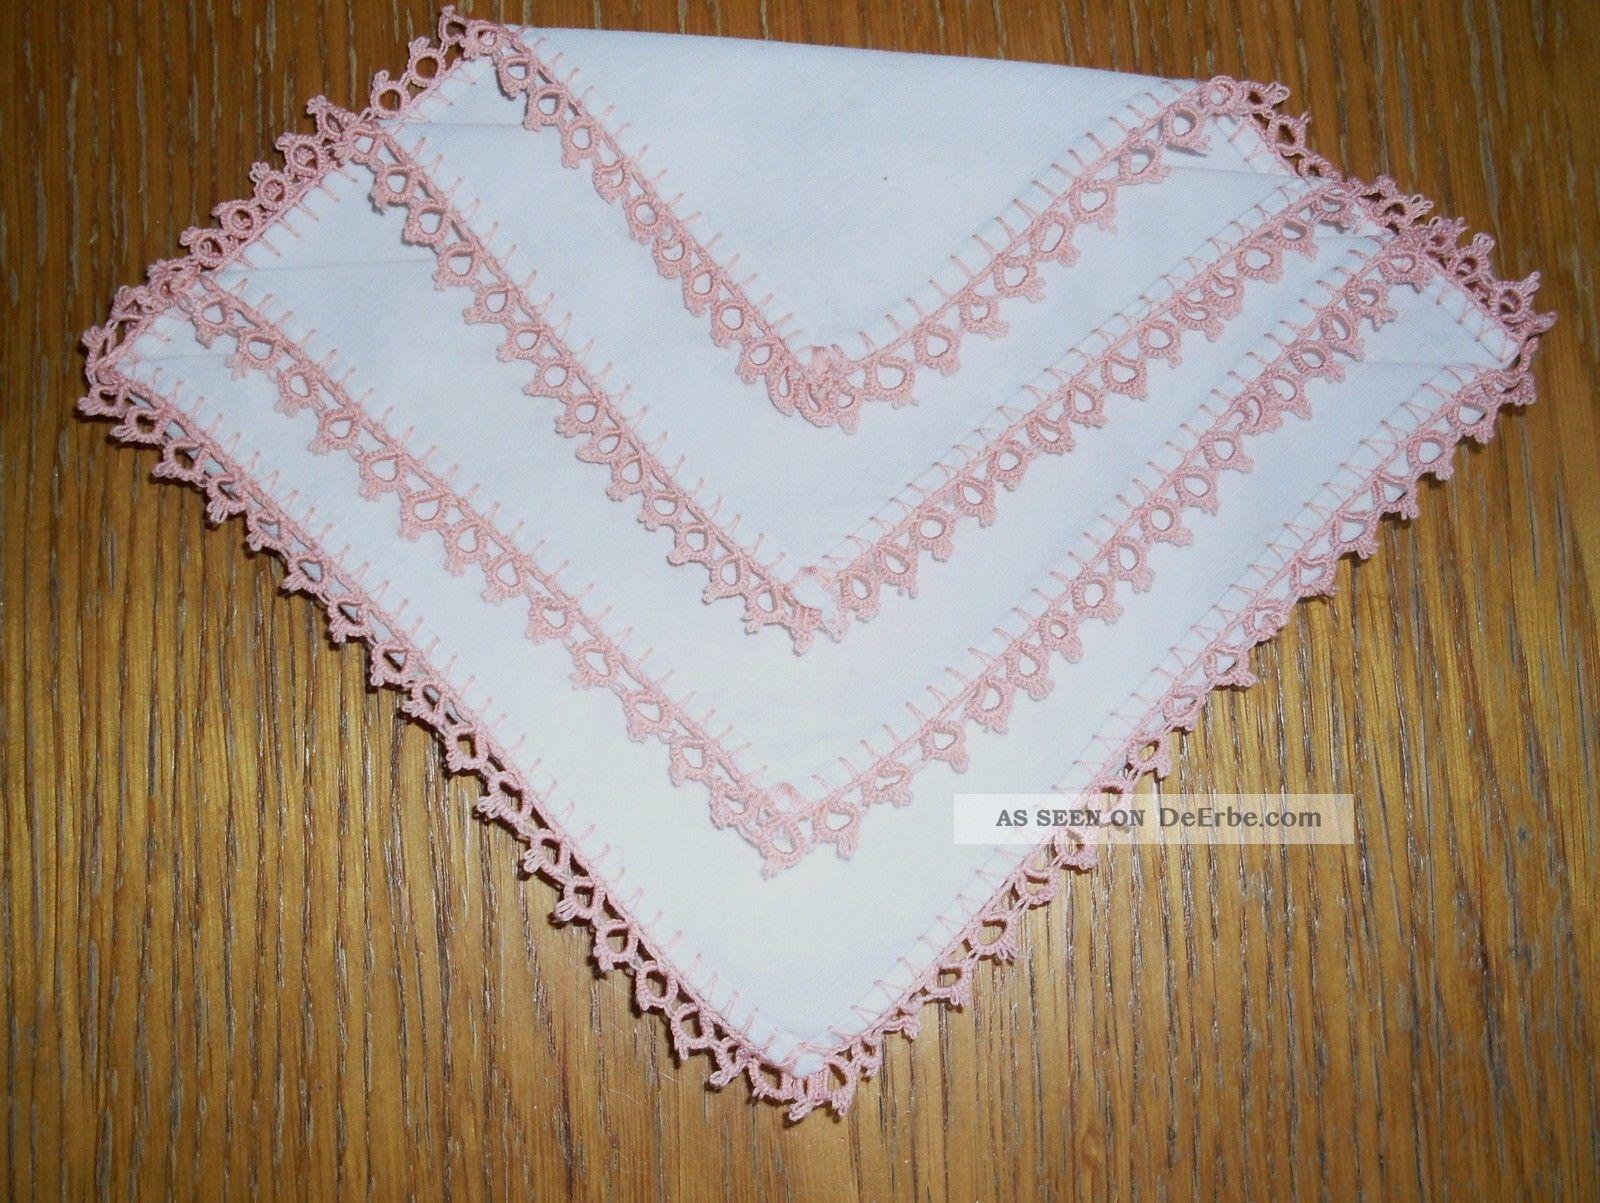 Spitzentaschentuch Häkeltaschentuch Einstecktuch Häkelspitze Farbe Rosa Accessoires Bild